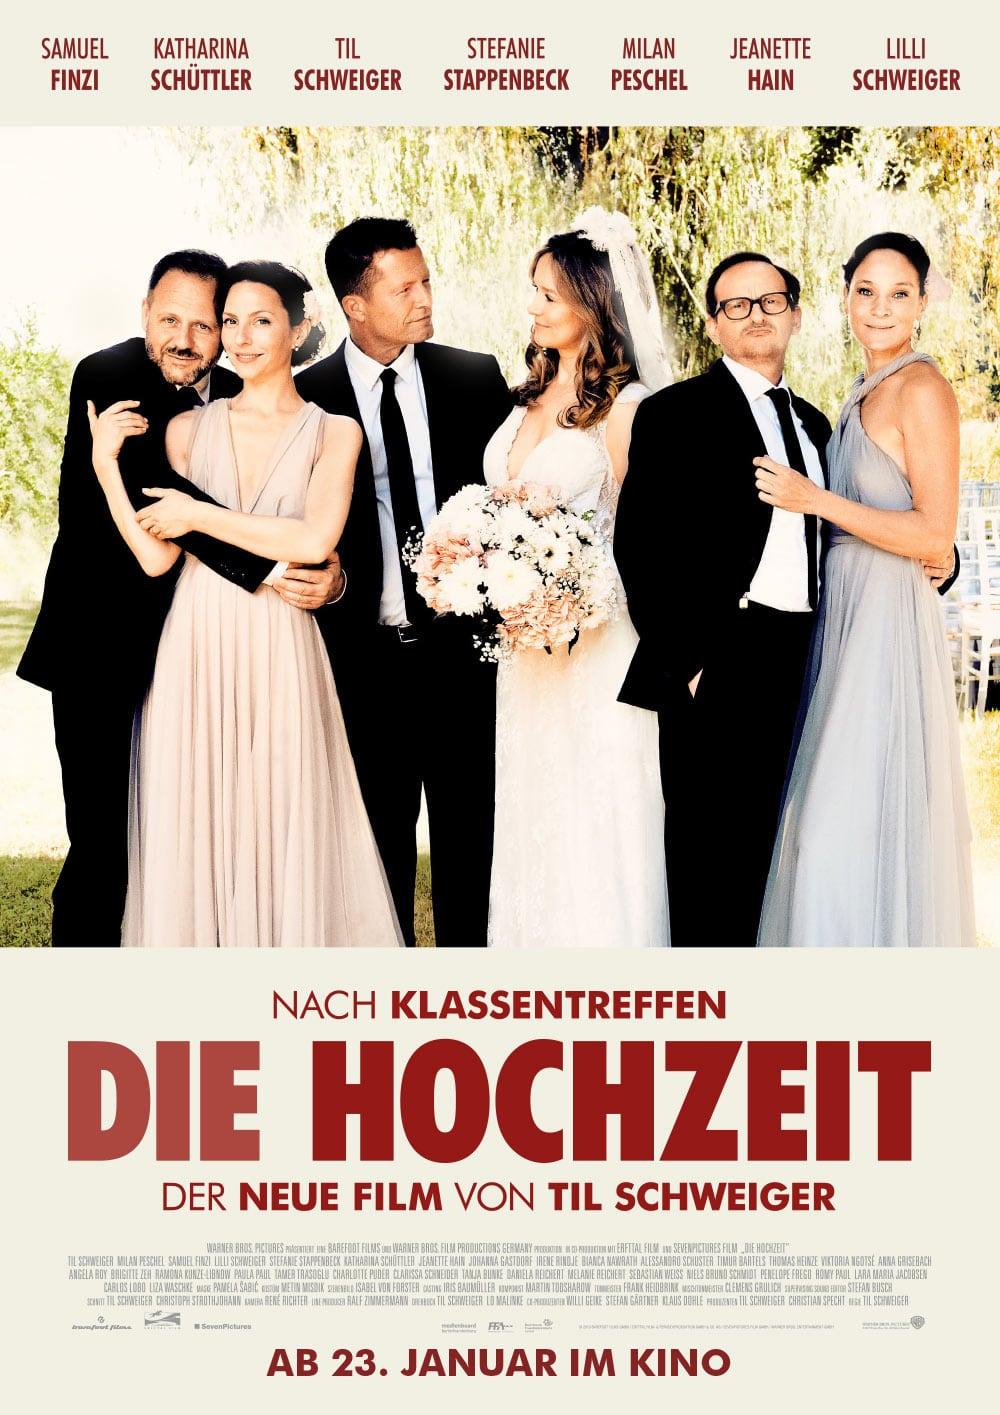 Die Hochzeit - Artwork - Key Visual - Poster